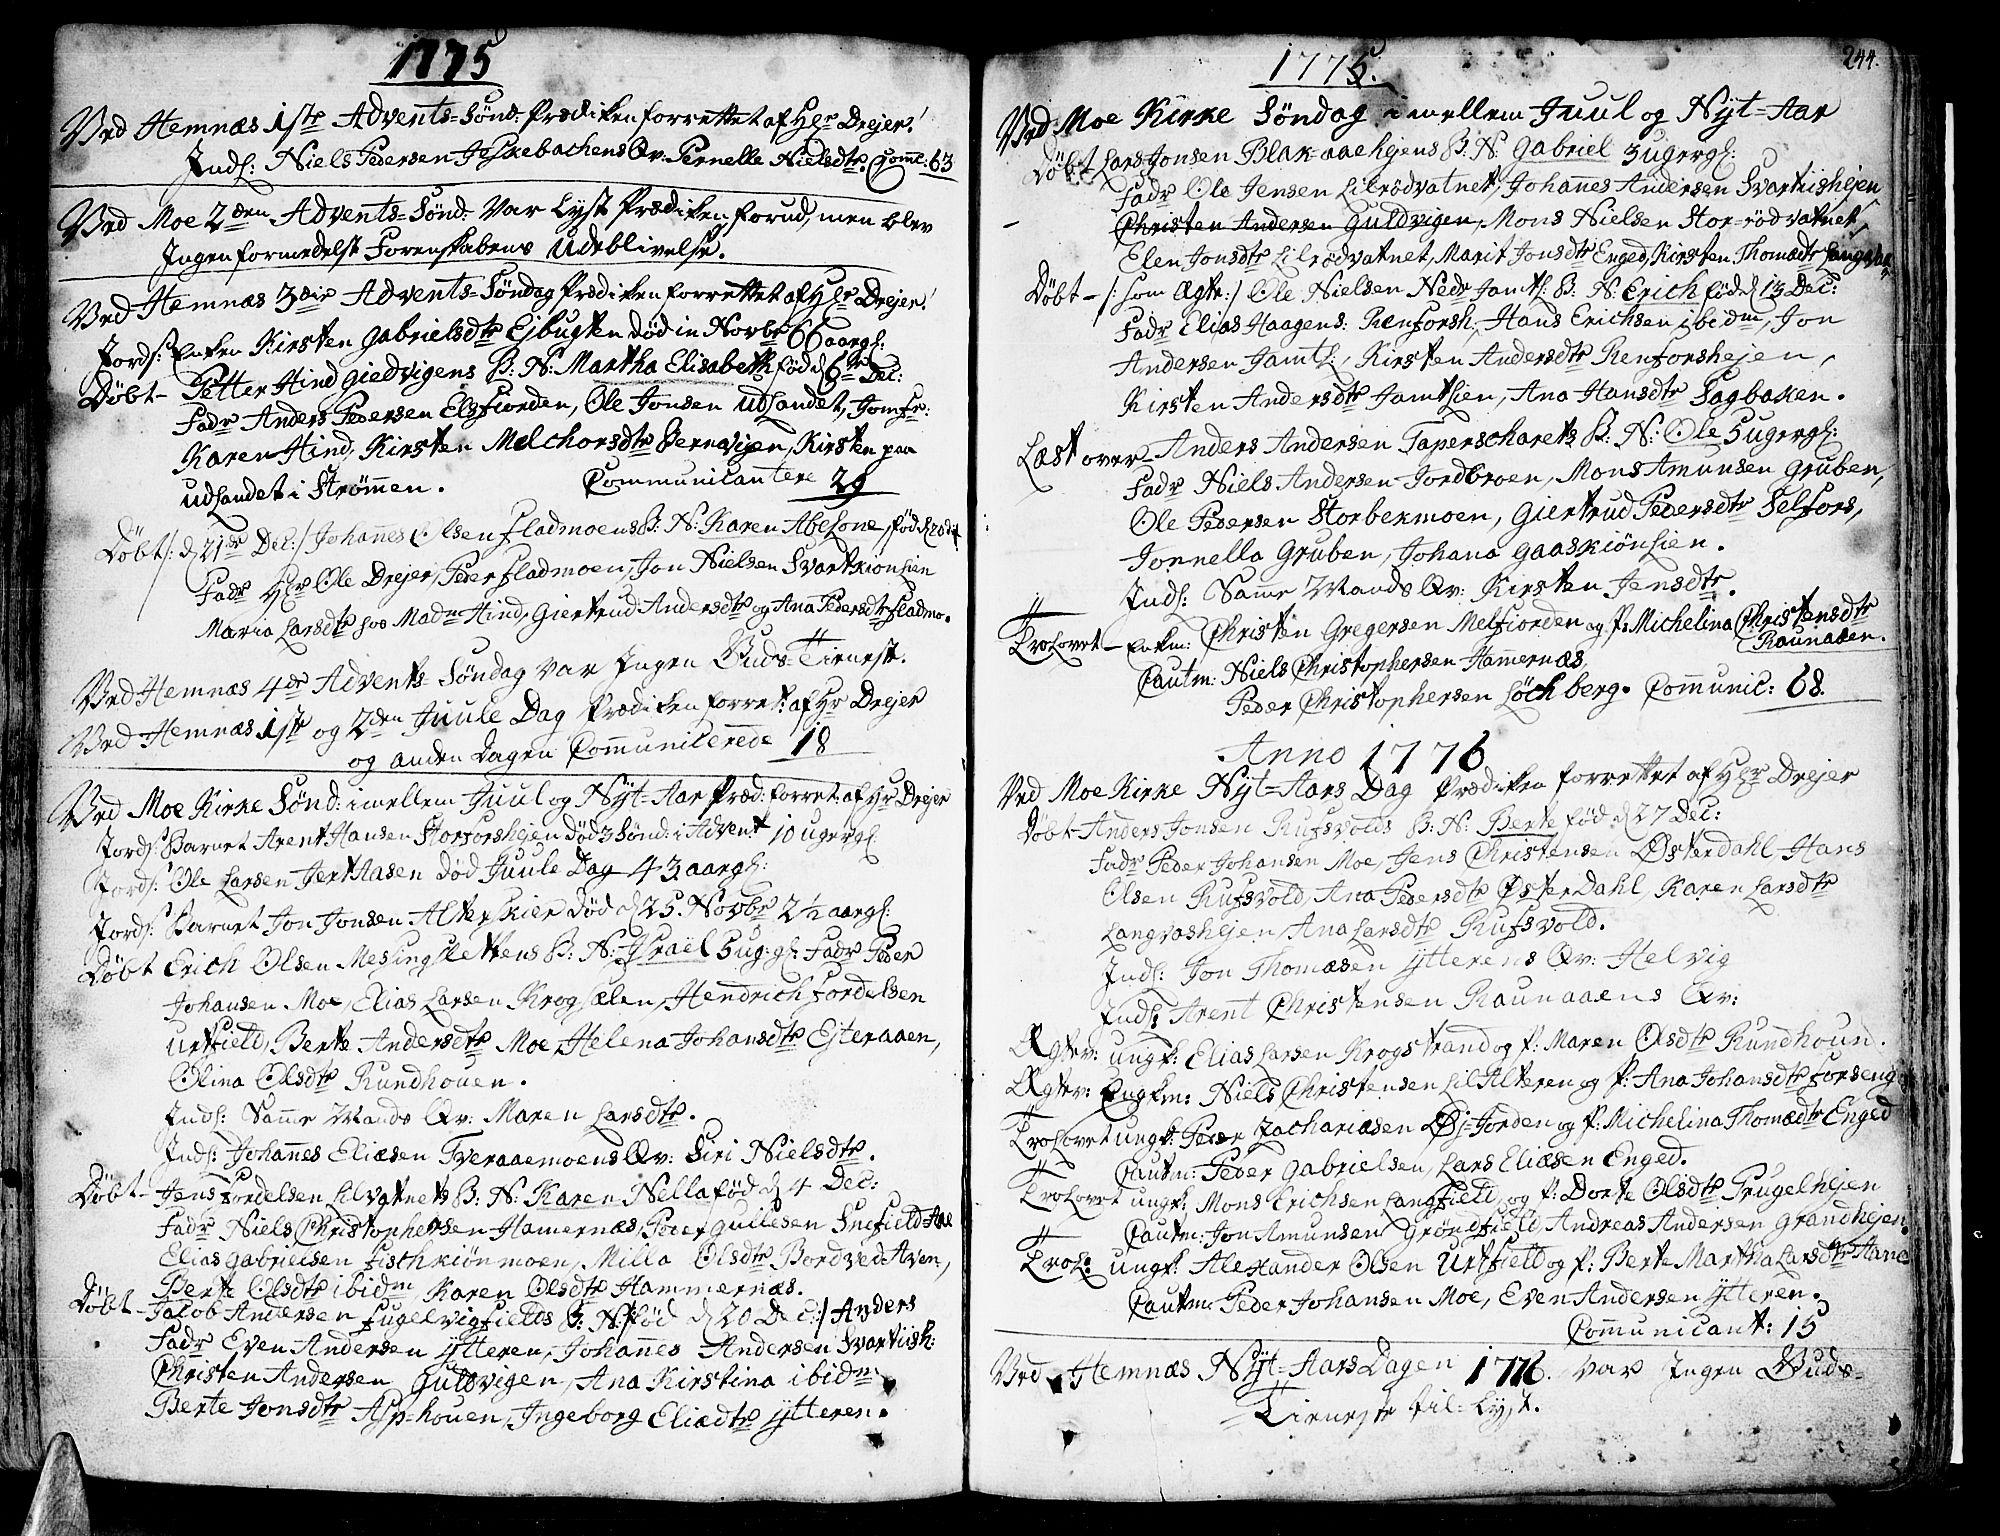 SAT, Ministerialprotokoller, klokkerbøker og fødselsregistre - Nordland, 825/L0348: Parish register (official) no. 825A04, 1752-1788, p. 244